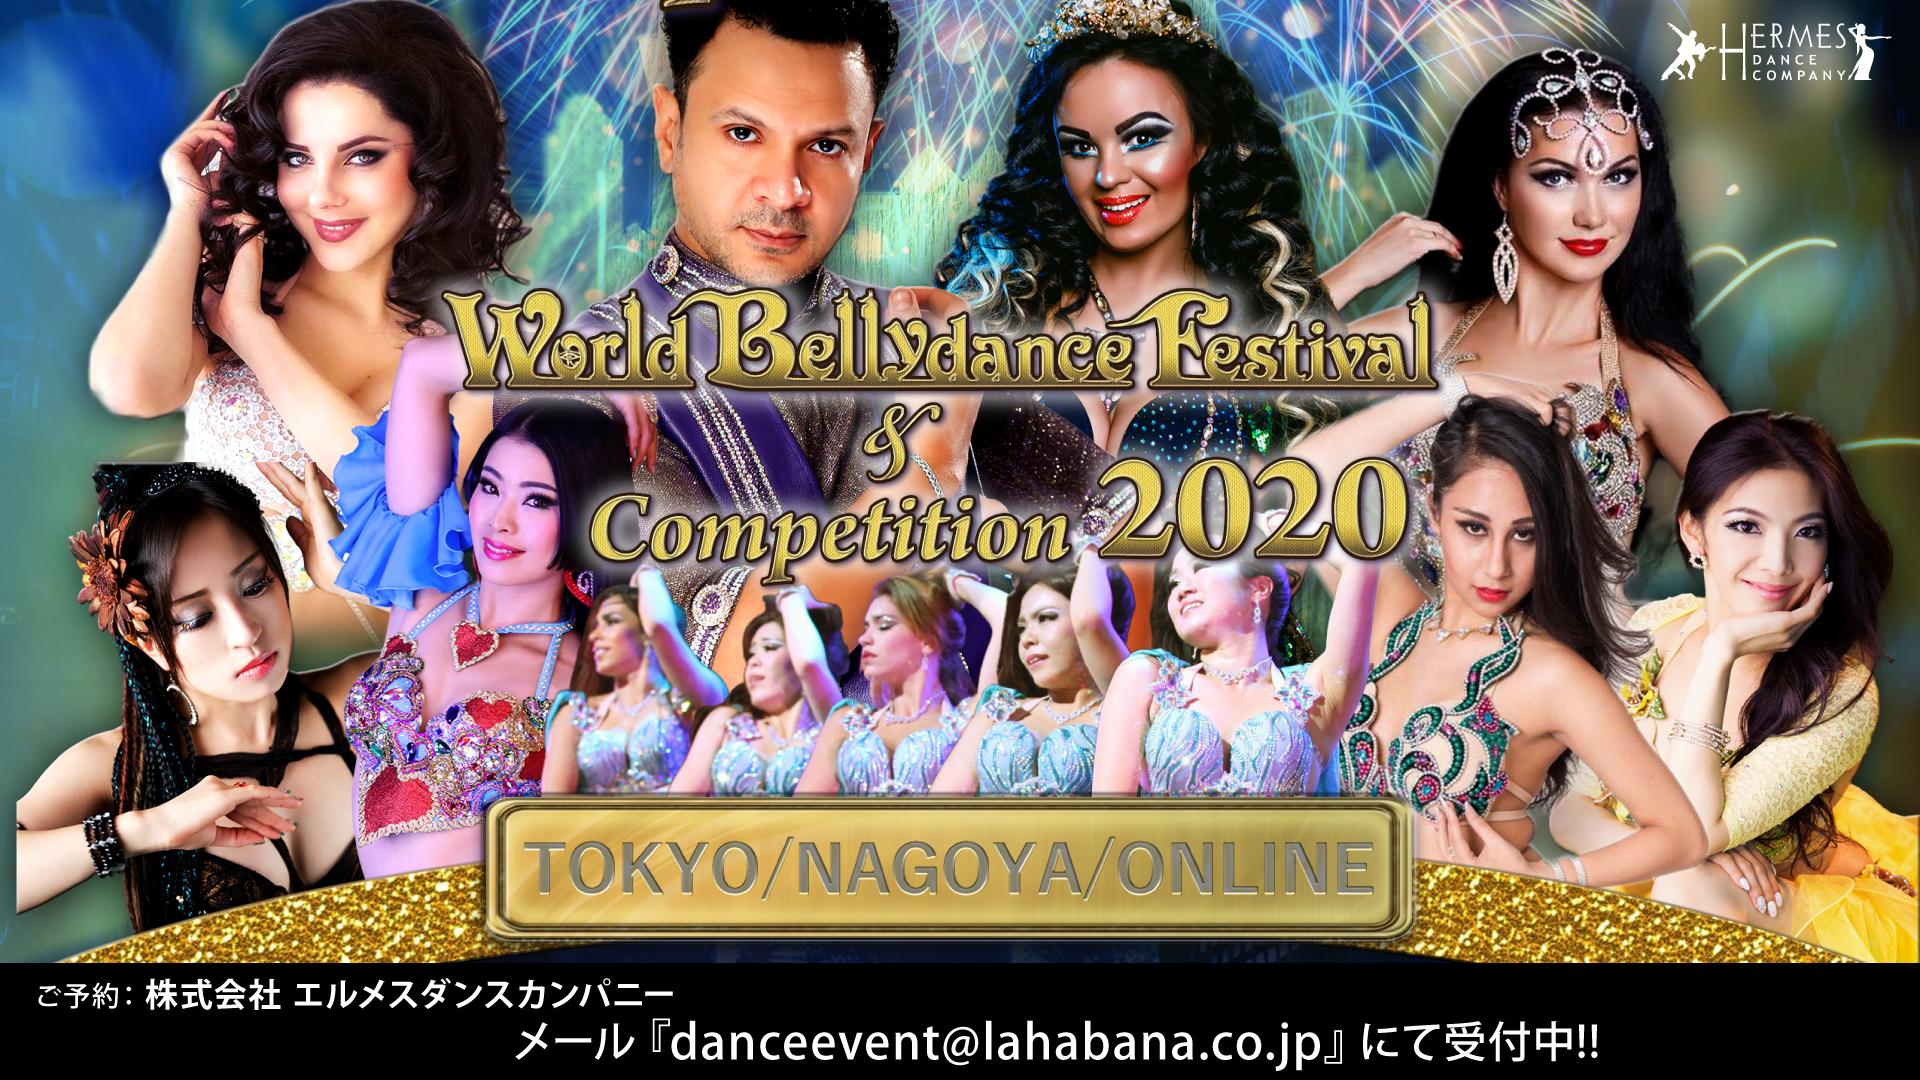 ★再掲載★World Bellydance Festival & Competition 2020→2021ワークショップを受講いただいた皆様へ